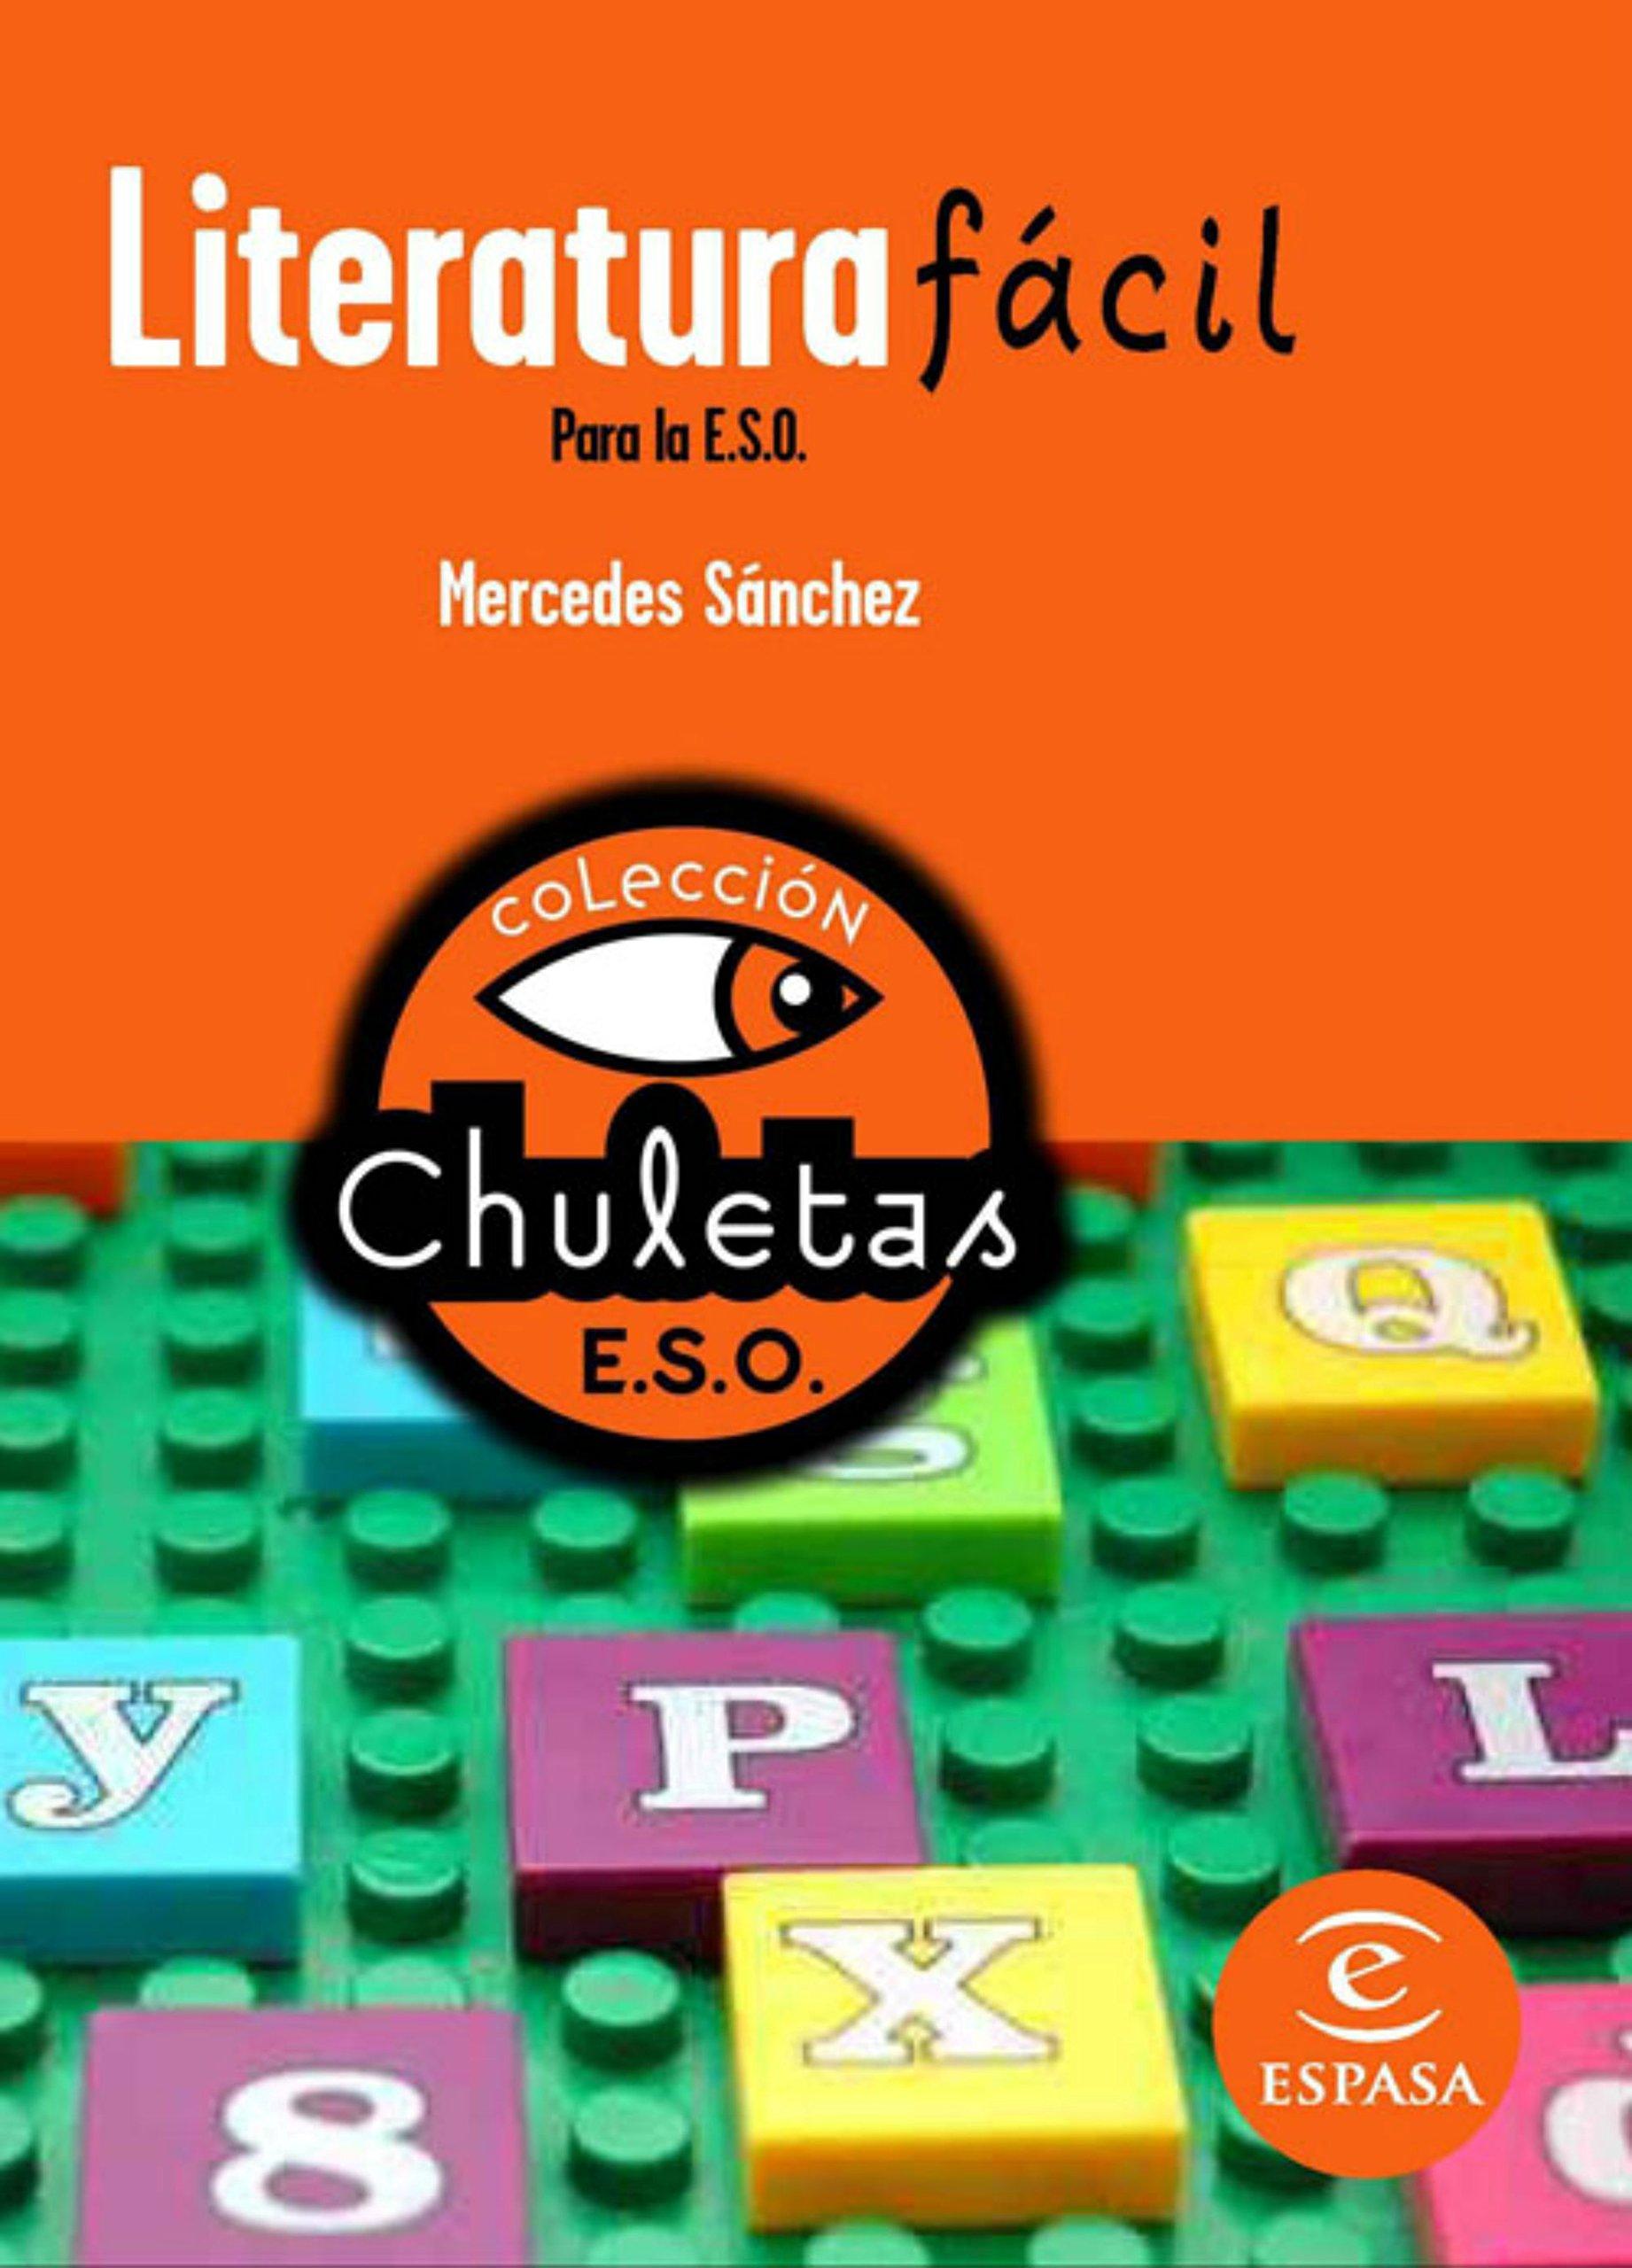 Literatura fácil para la ESO (CHULETAS): Amazon.es: Mercedes Sánchez: Libros